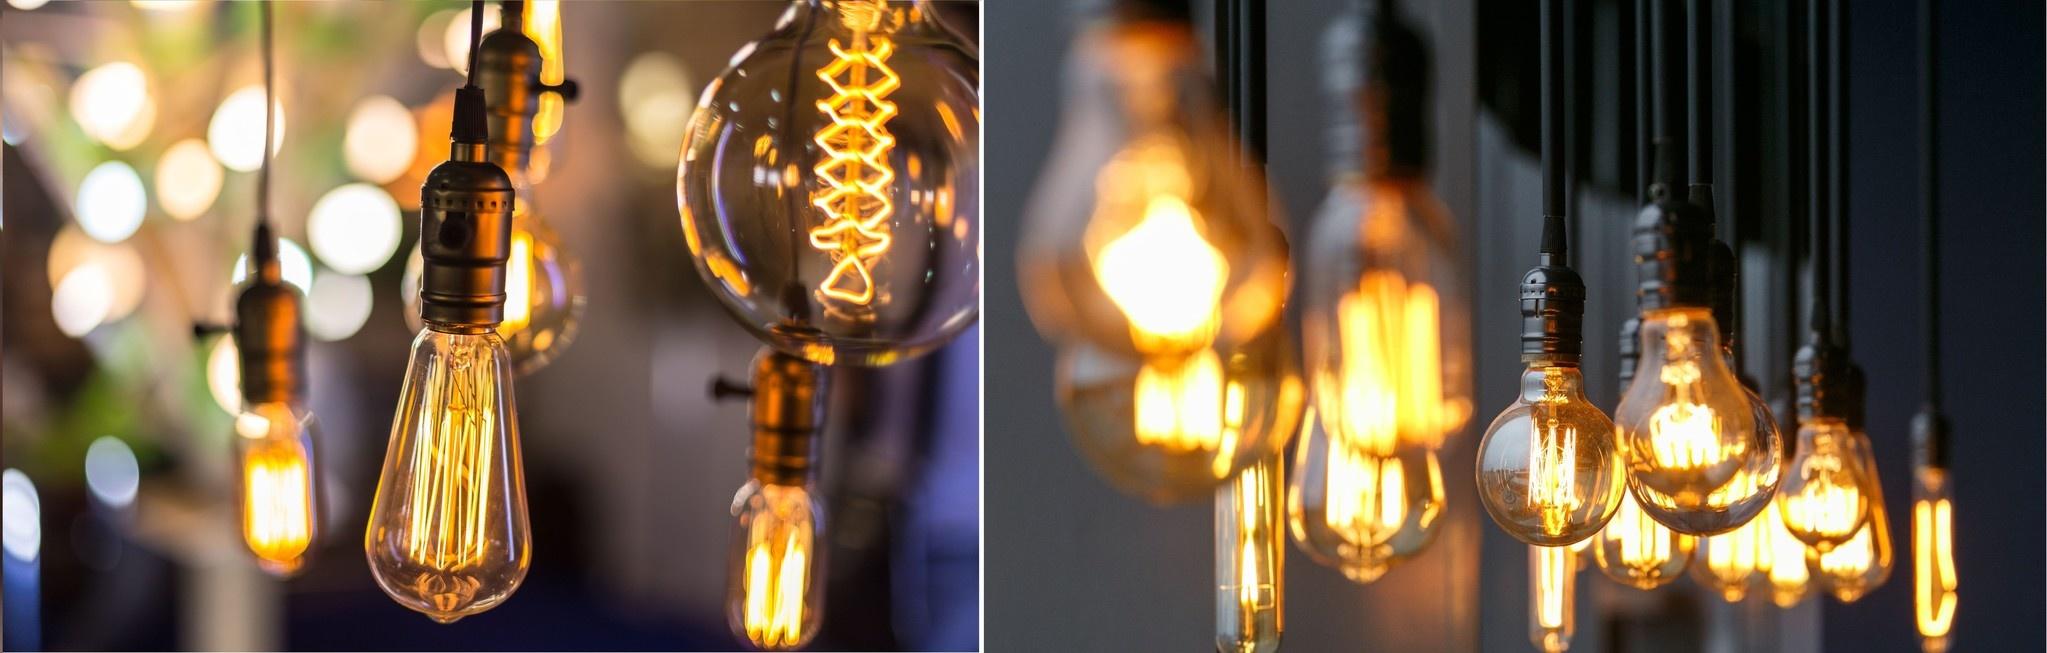 Filament verlichting